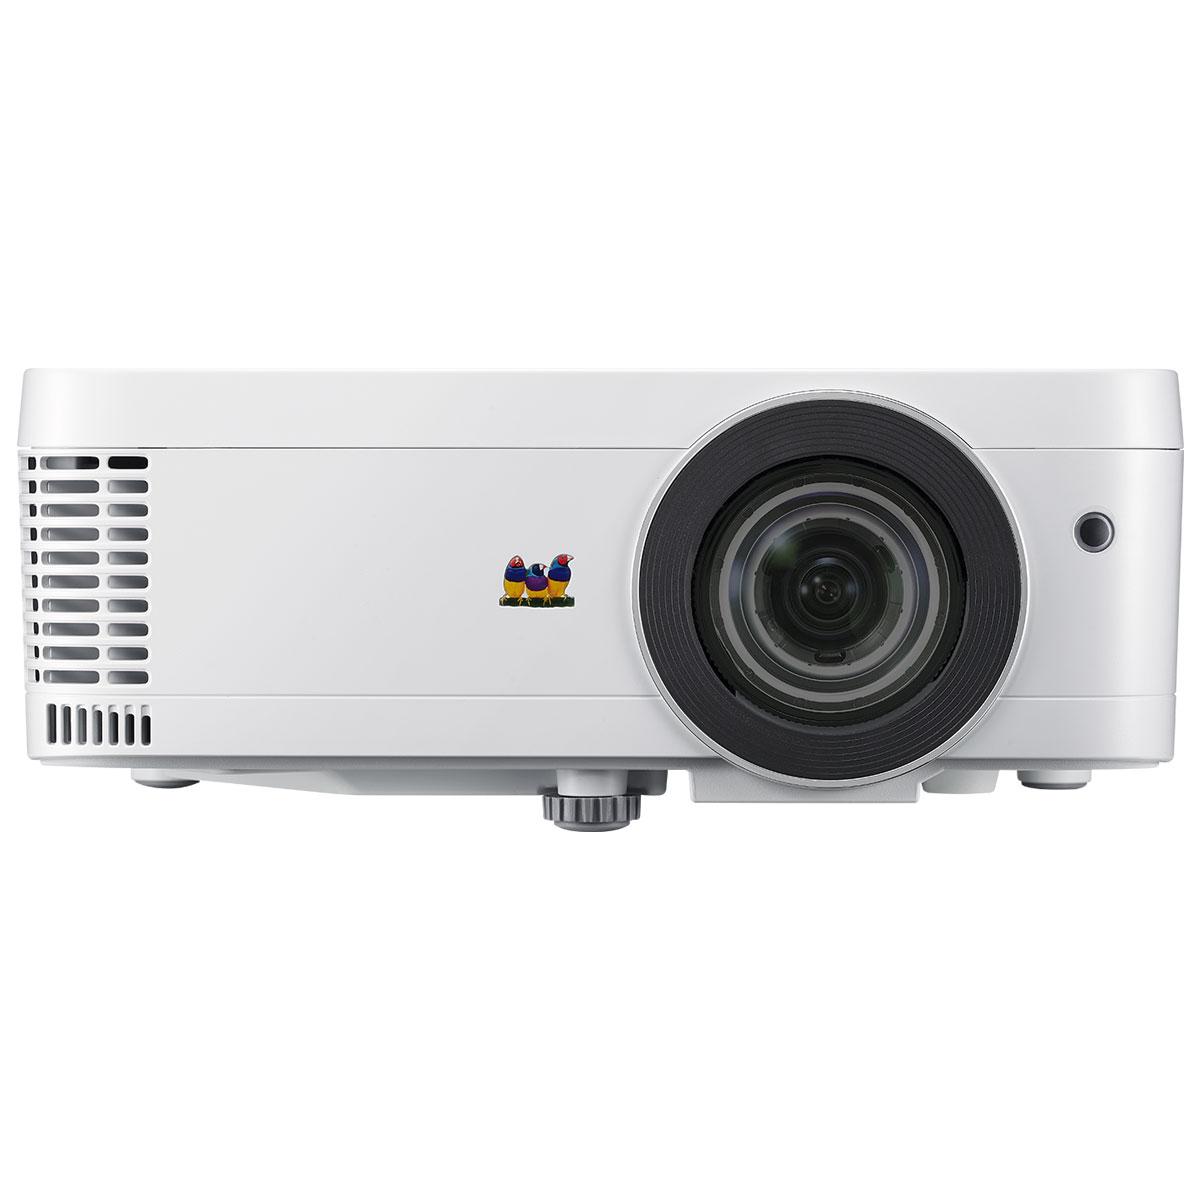 Vidéoprojecteur ViewSonic PX706HD Vidéoprojecteur DLP Full HD - 3D Ready - Focale courte - 3000 Lumens - HDMI/USB-C